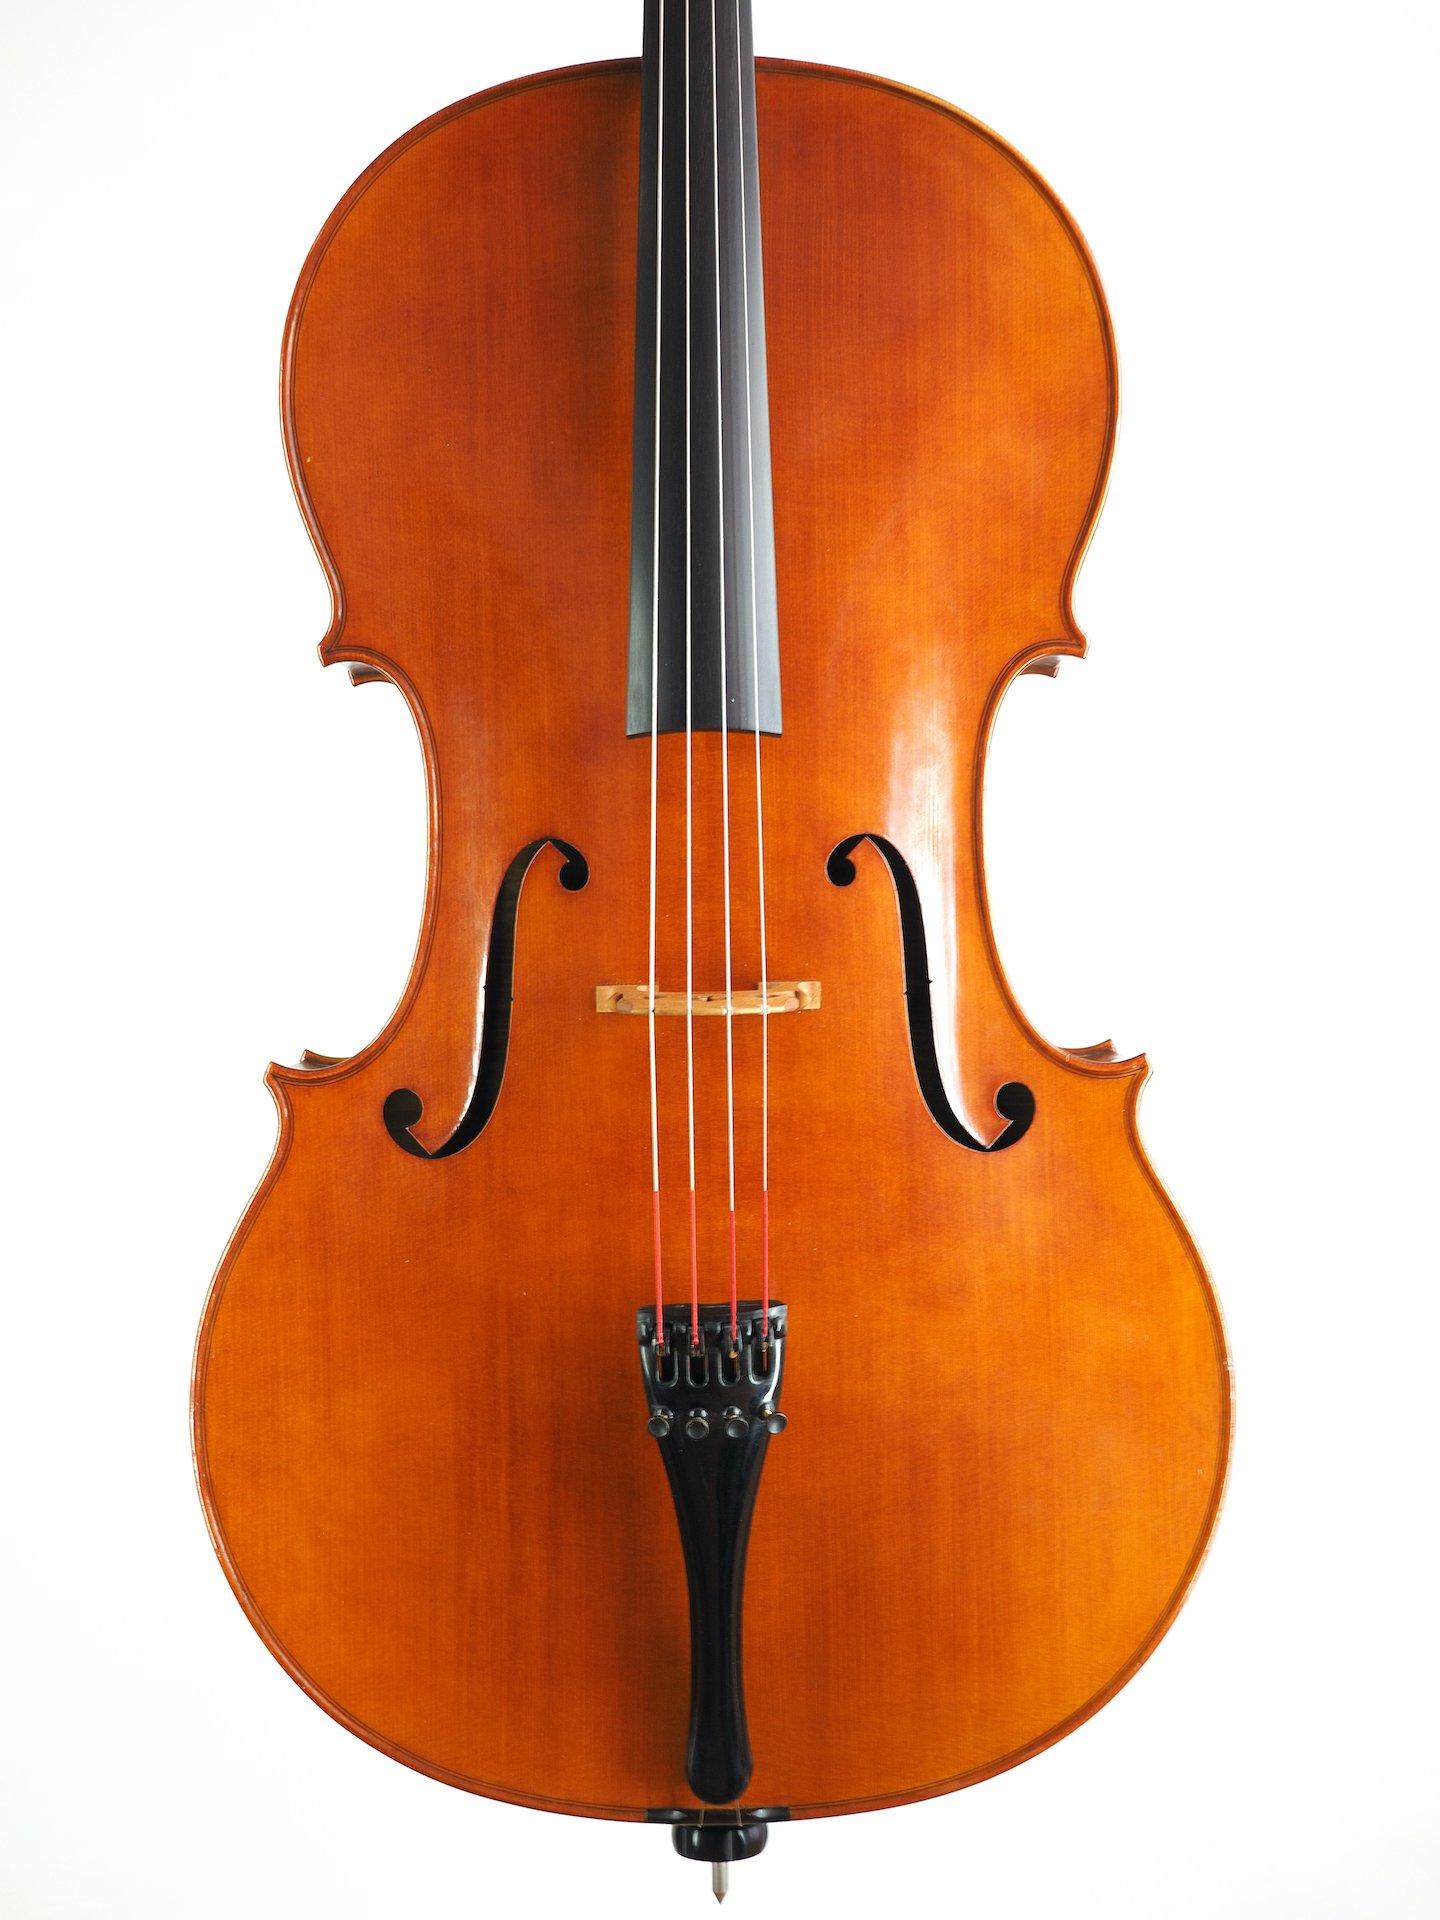 """Cello """"Josef Kantuscher, Mittenwald – Obb., A.D. 1967 Op. 196"""""""